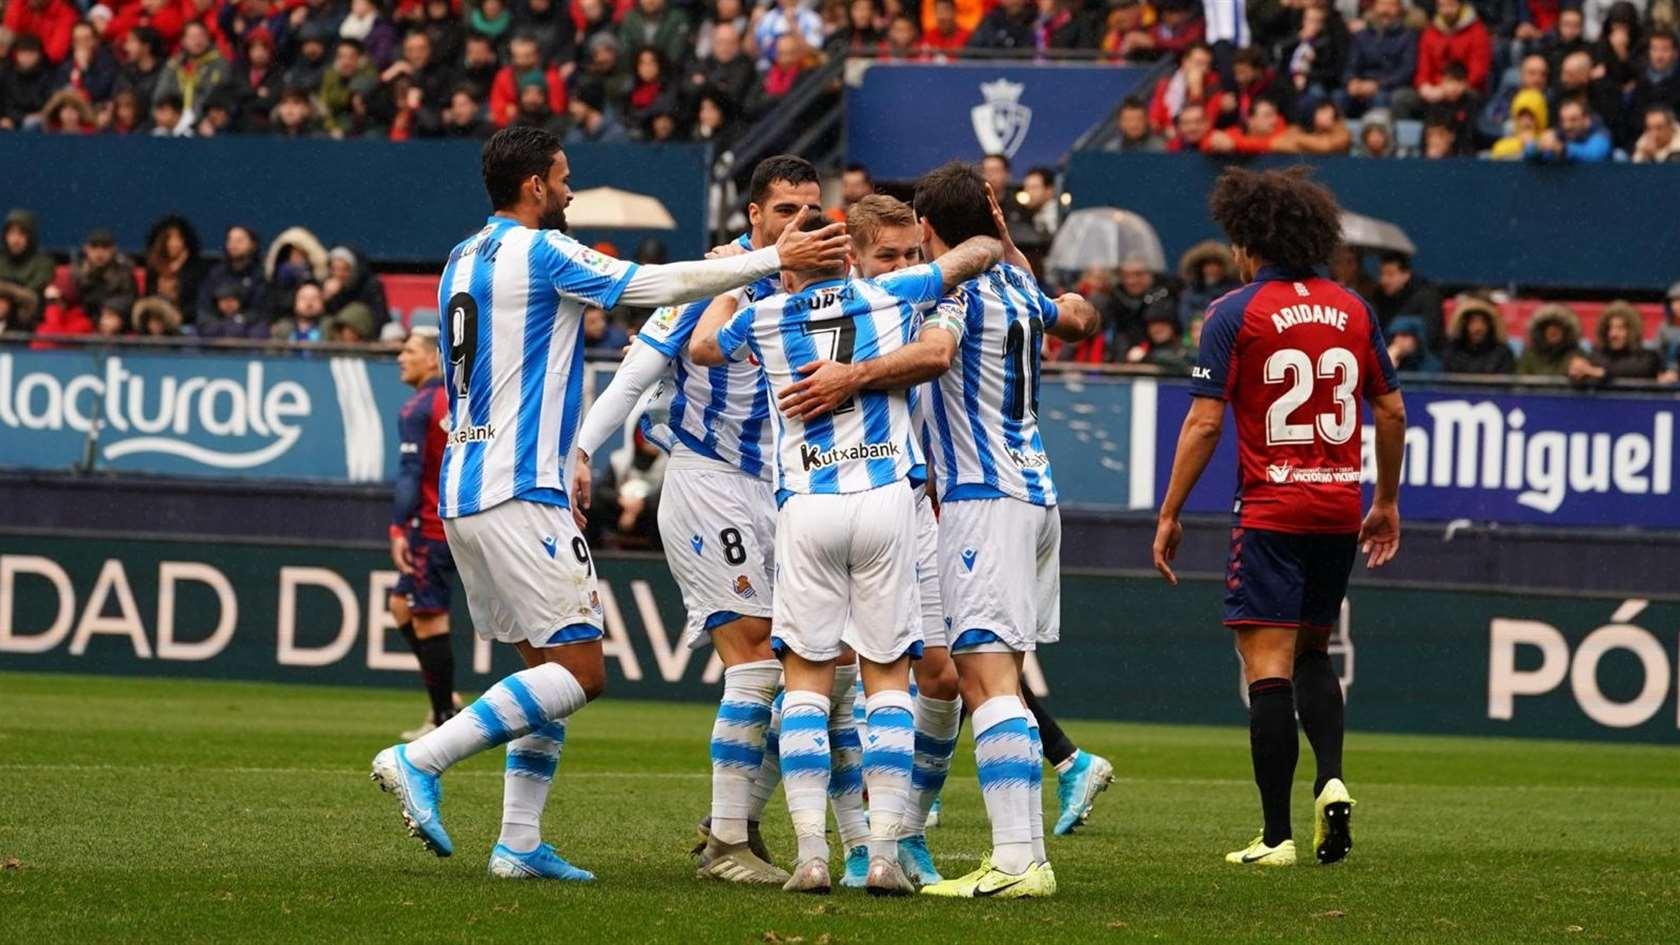 What A Match Real Sociedad De Football S A D